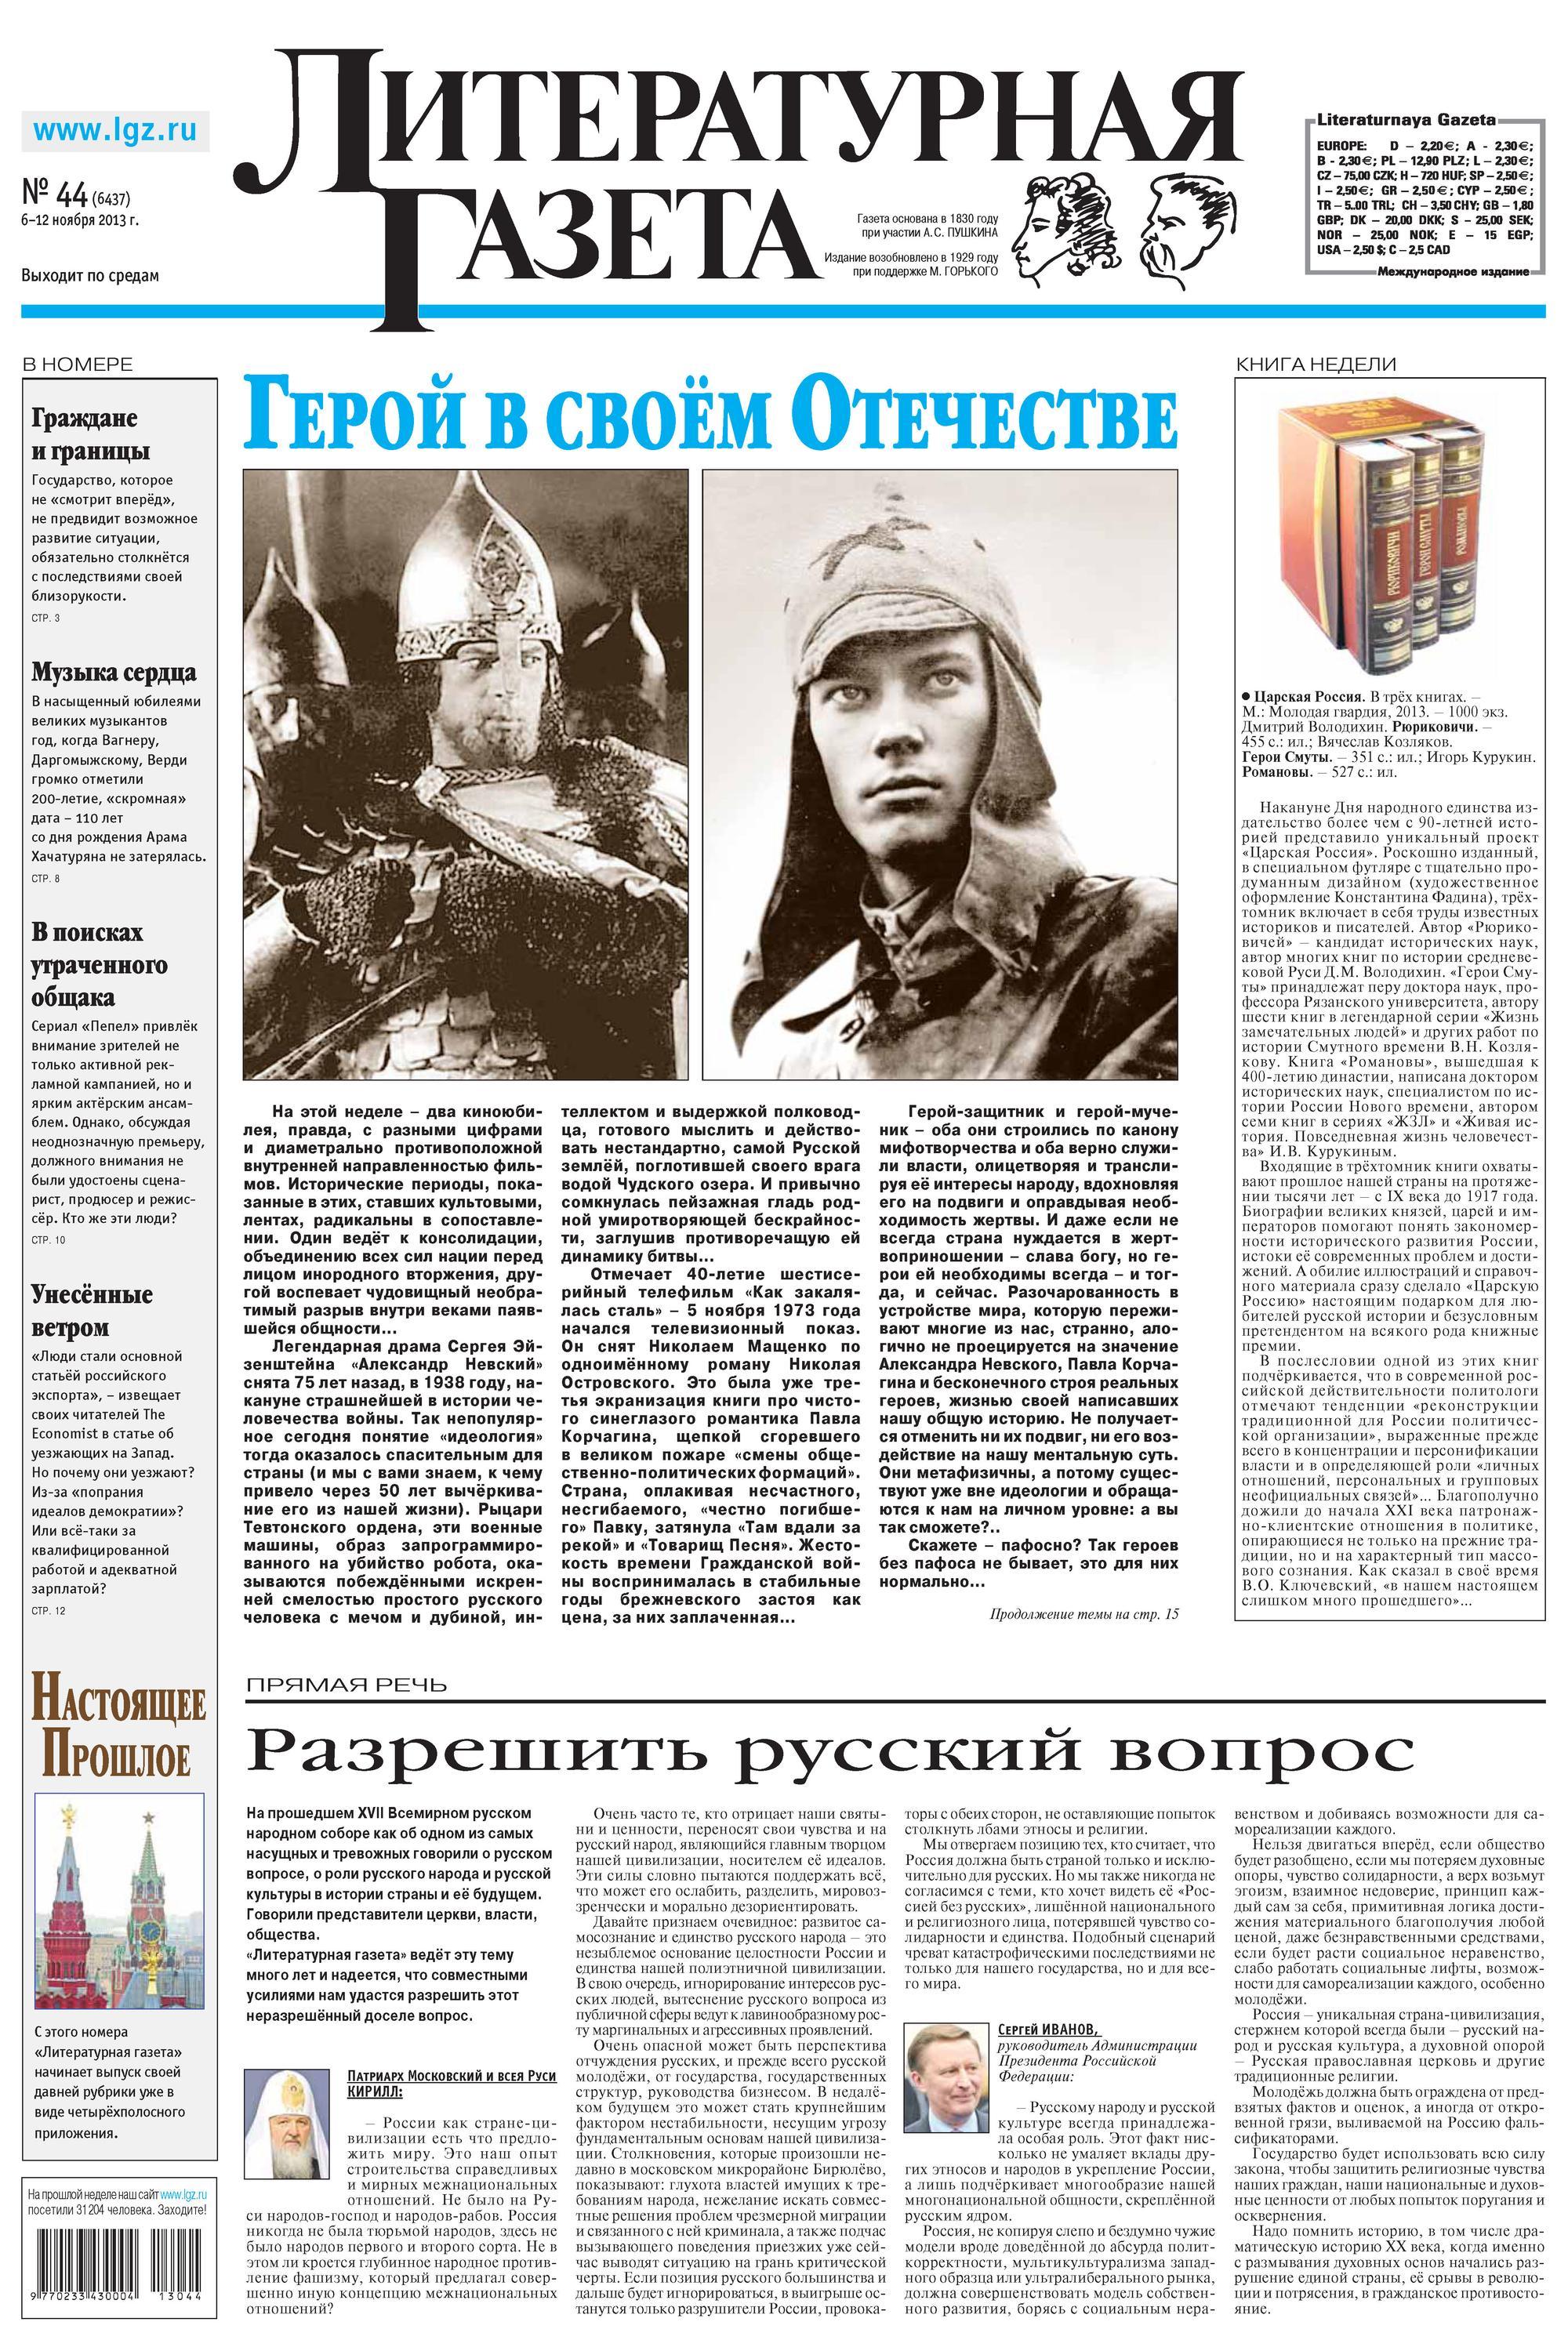 Литературная газета № 44 (6437) 2013